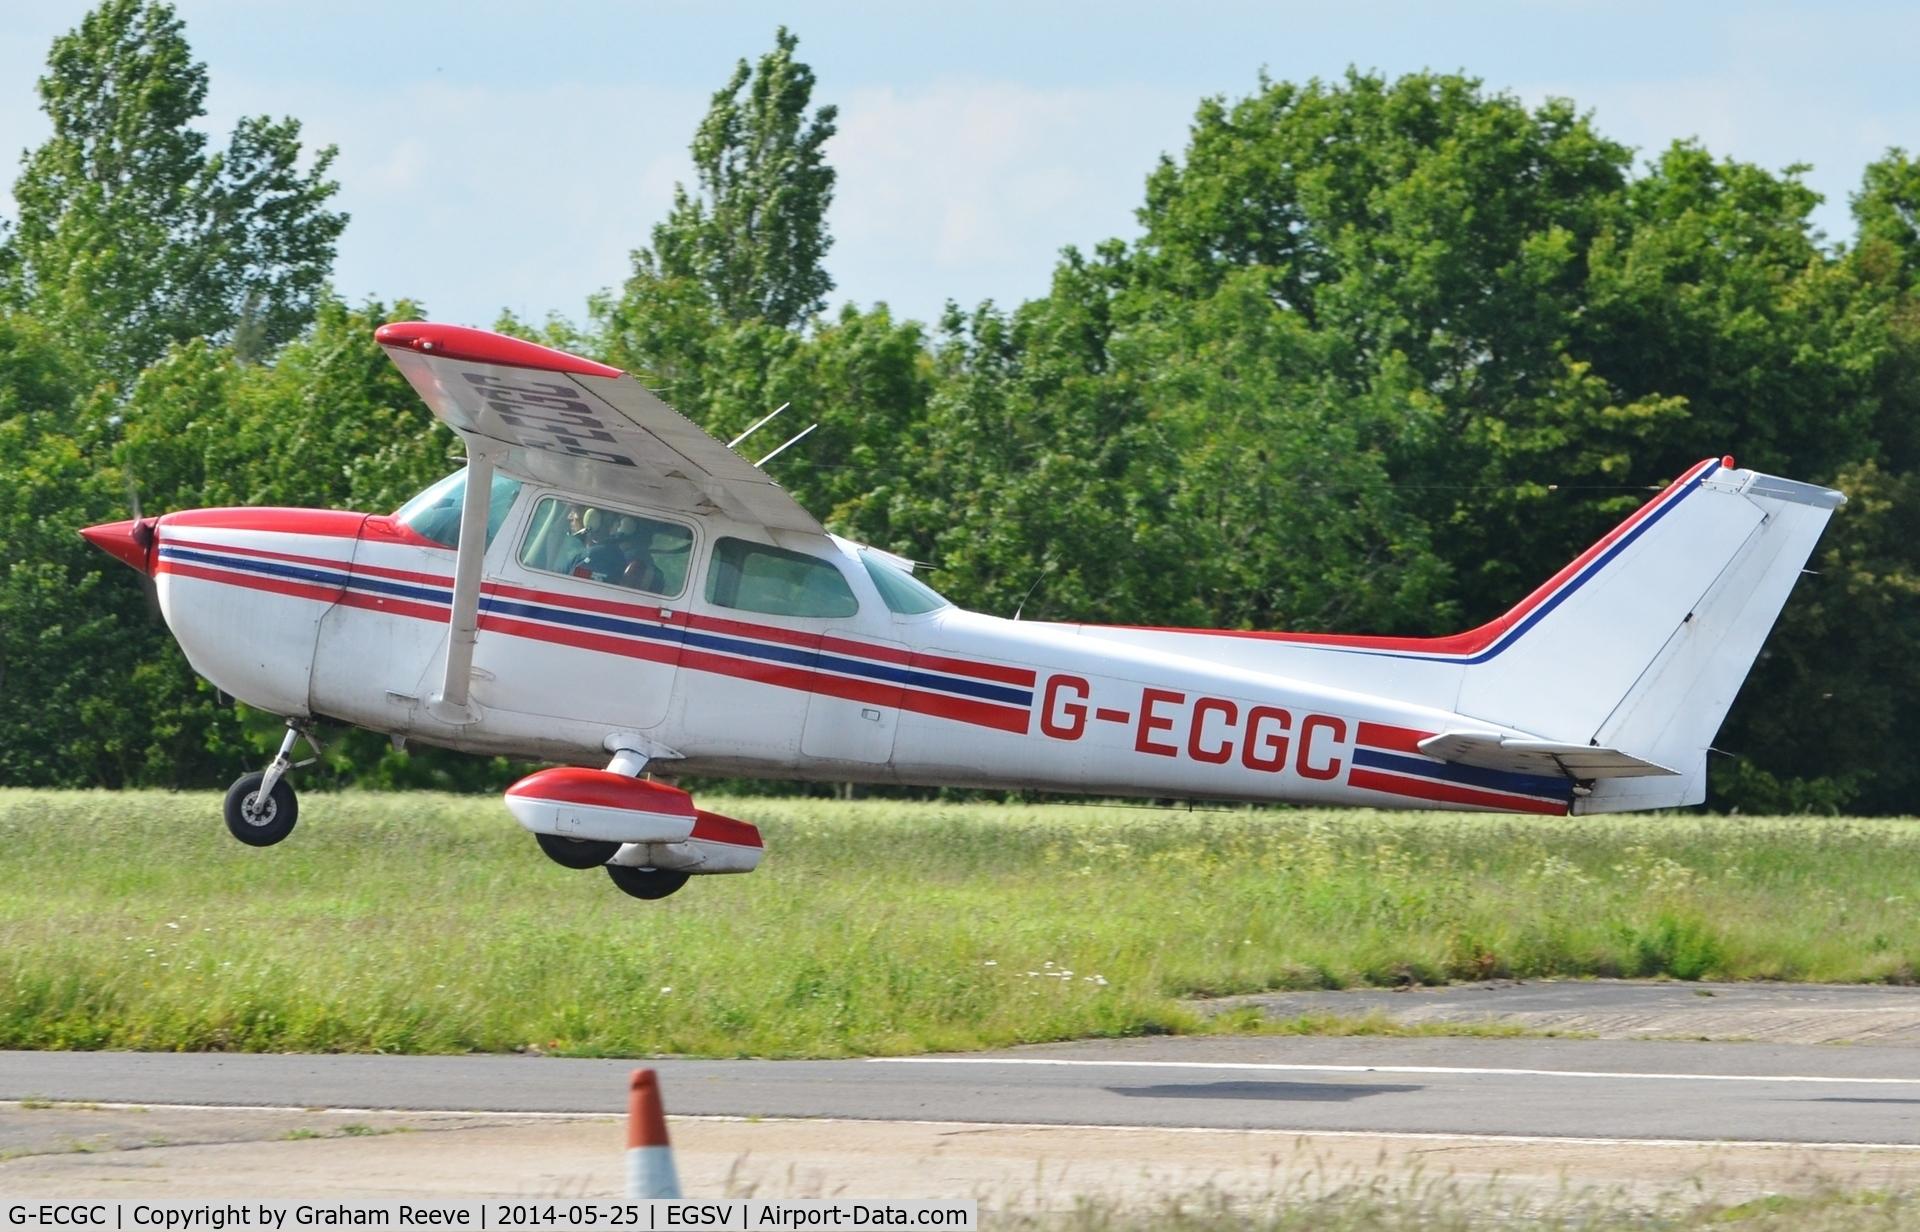 G-ECGC, 1979 Reims F172N Skyhawk C/N 1850, Departing from Old Buckenham.